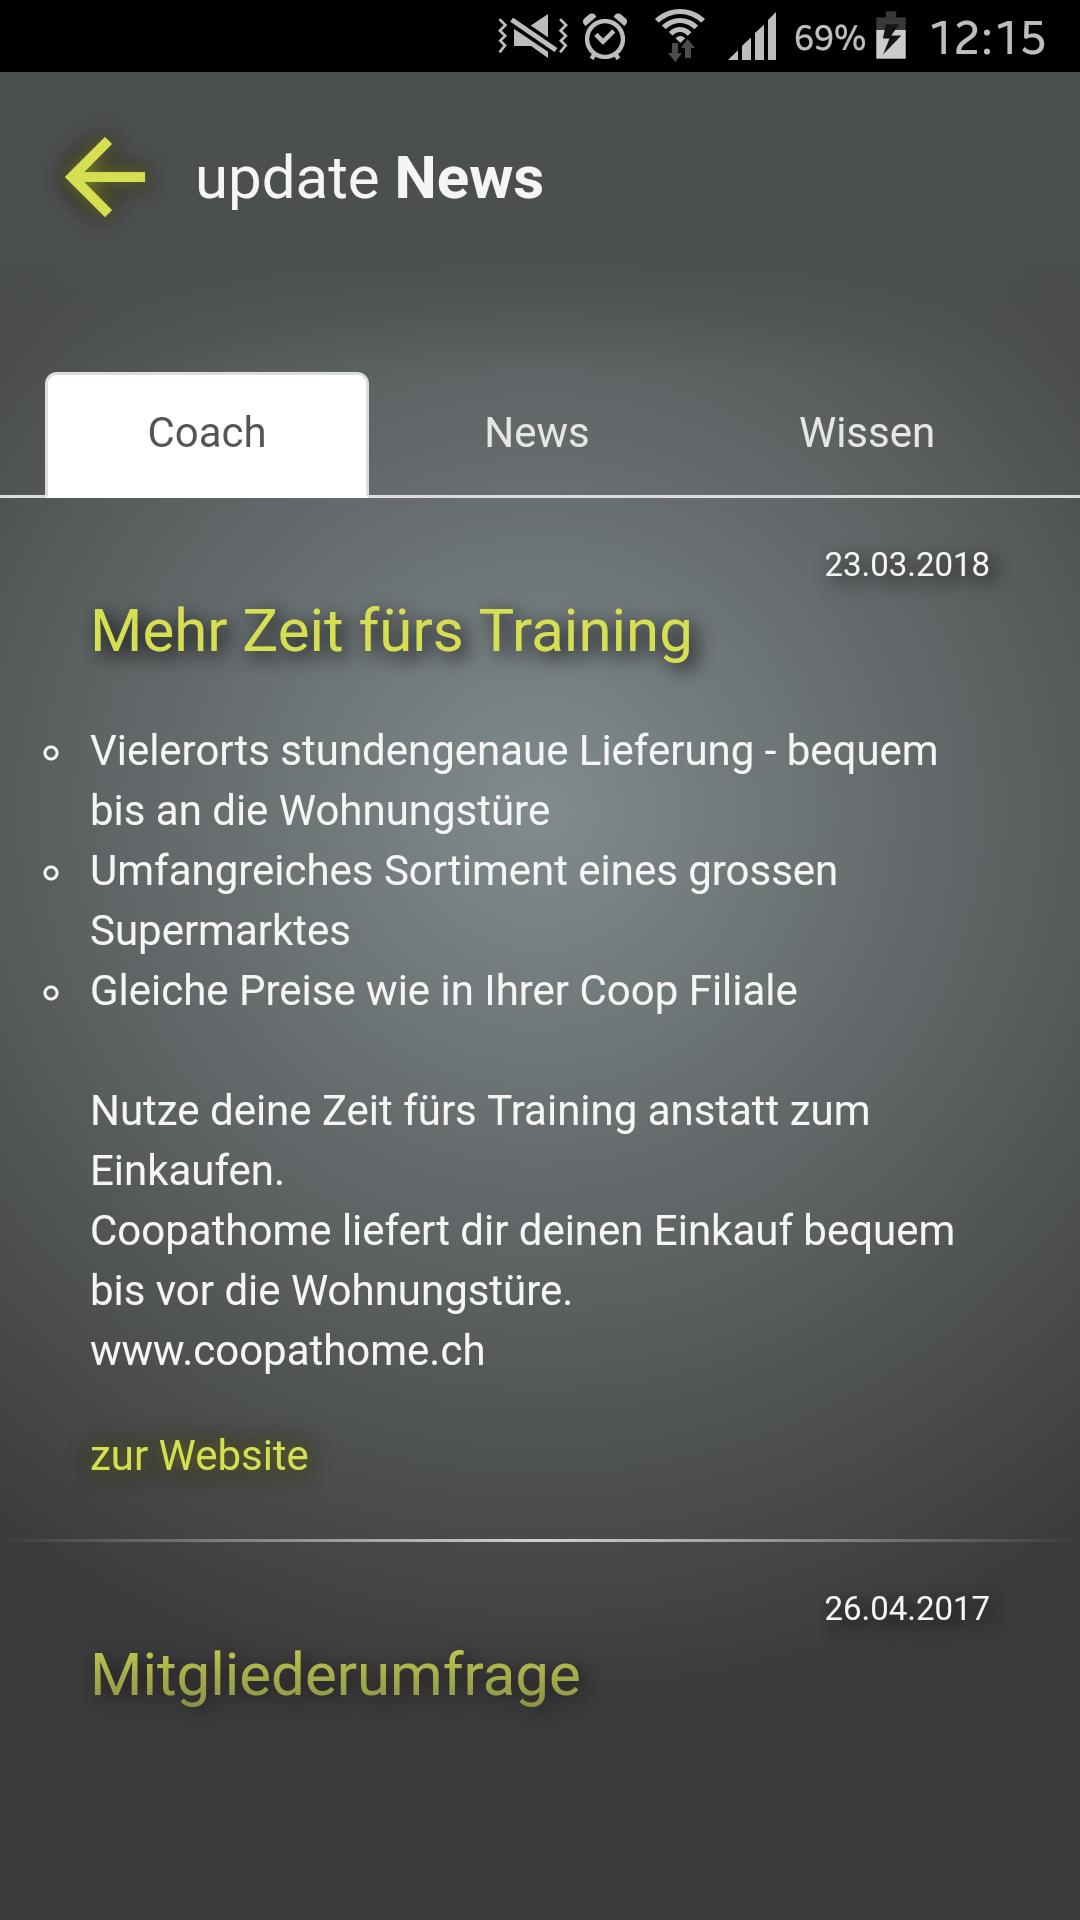 Design und Entwicklung Fitness-App - News